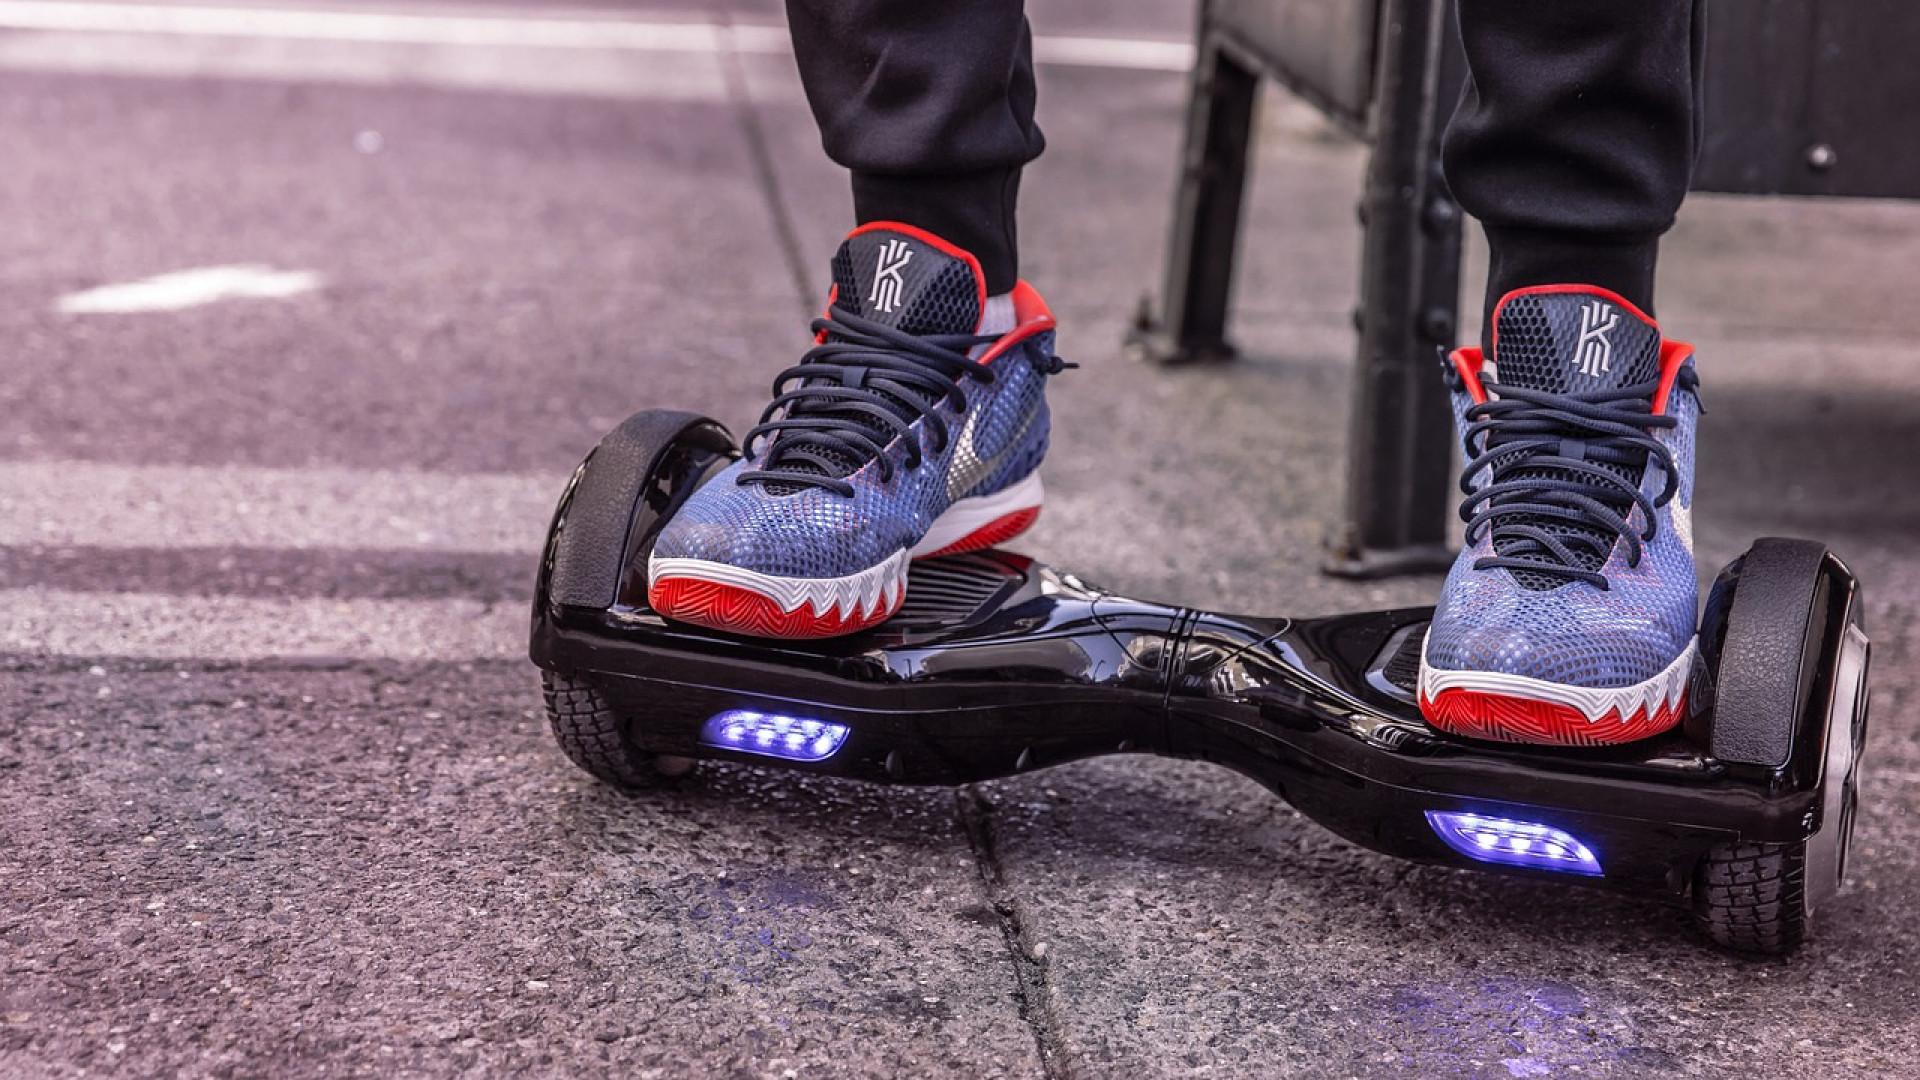 Miser sur un hoverboard de qualité pour être en sécurité